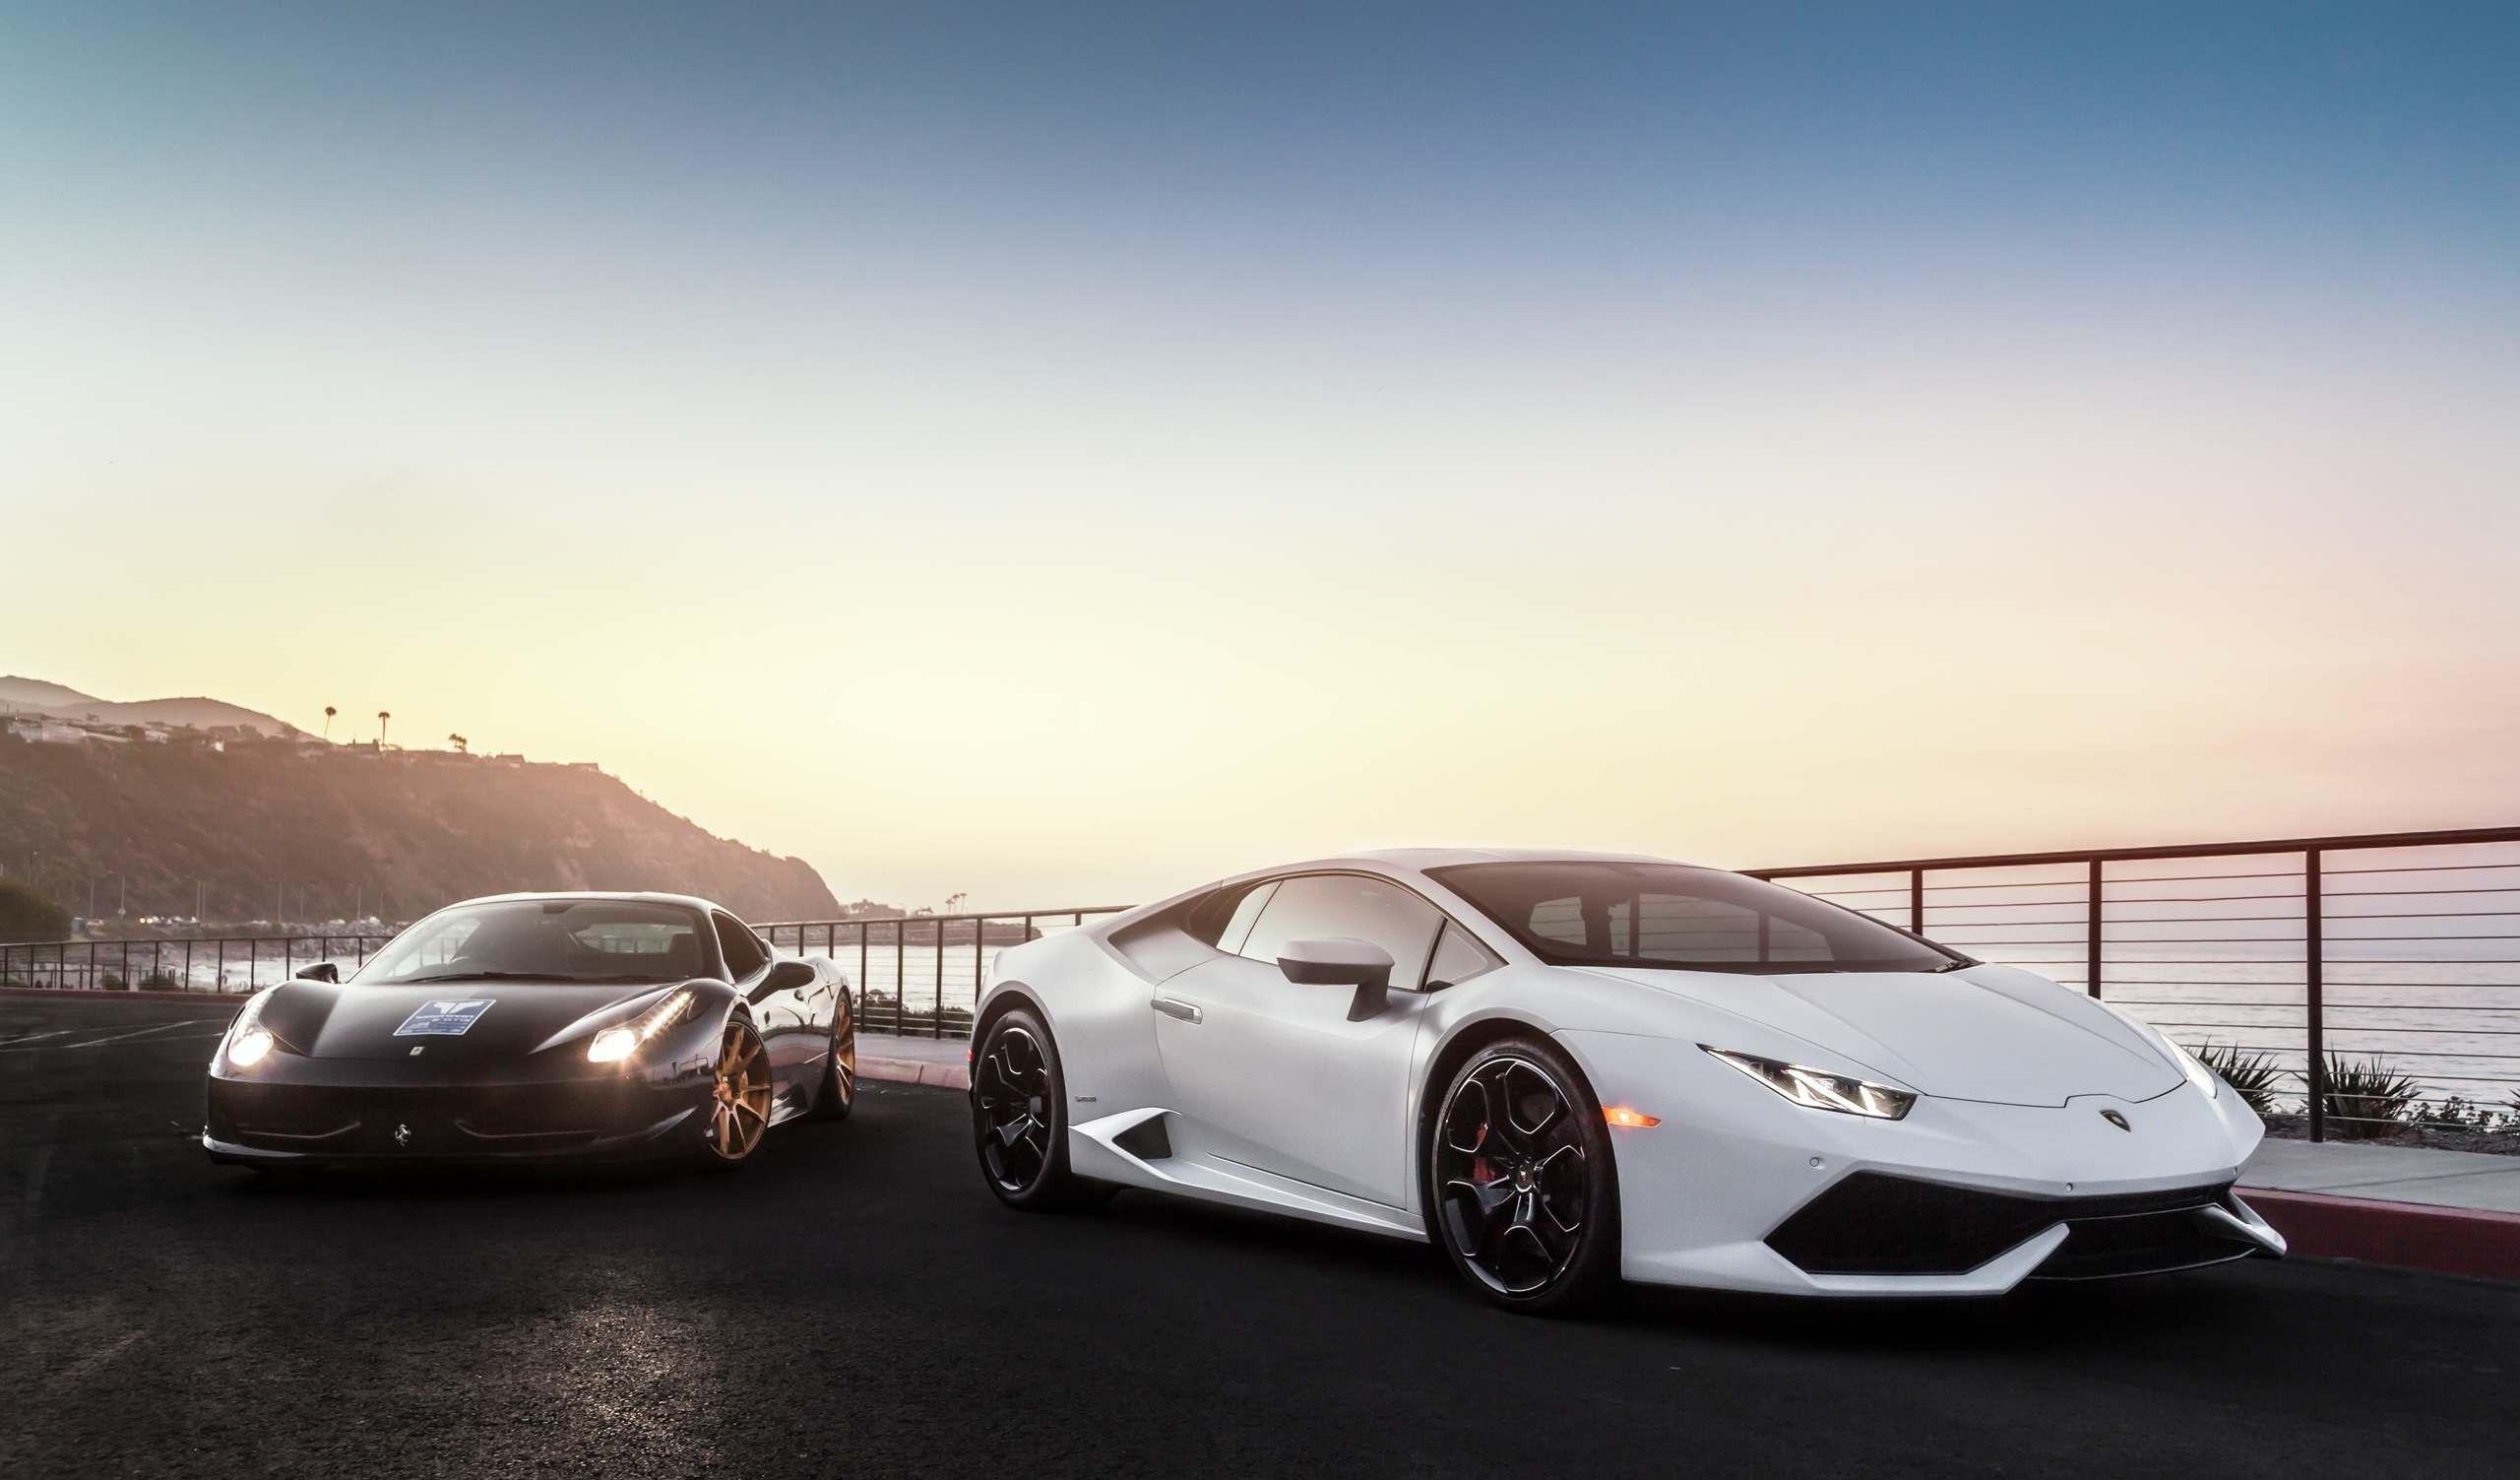 Lamborghini And Ferrari Wallpapers Top Free Lamborghini And Ferrari Backgrounds Wallpaperaccess